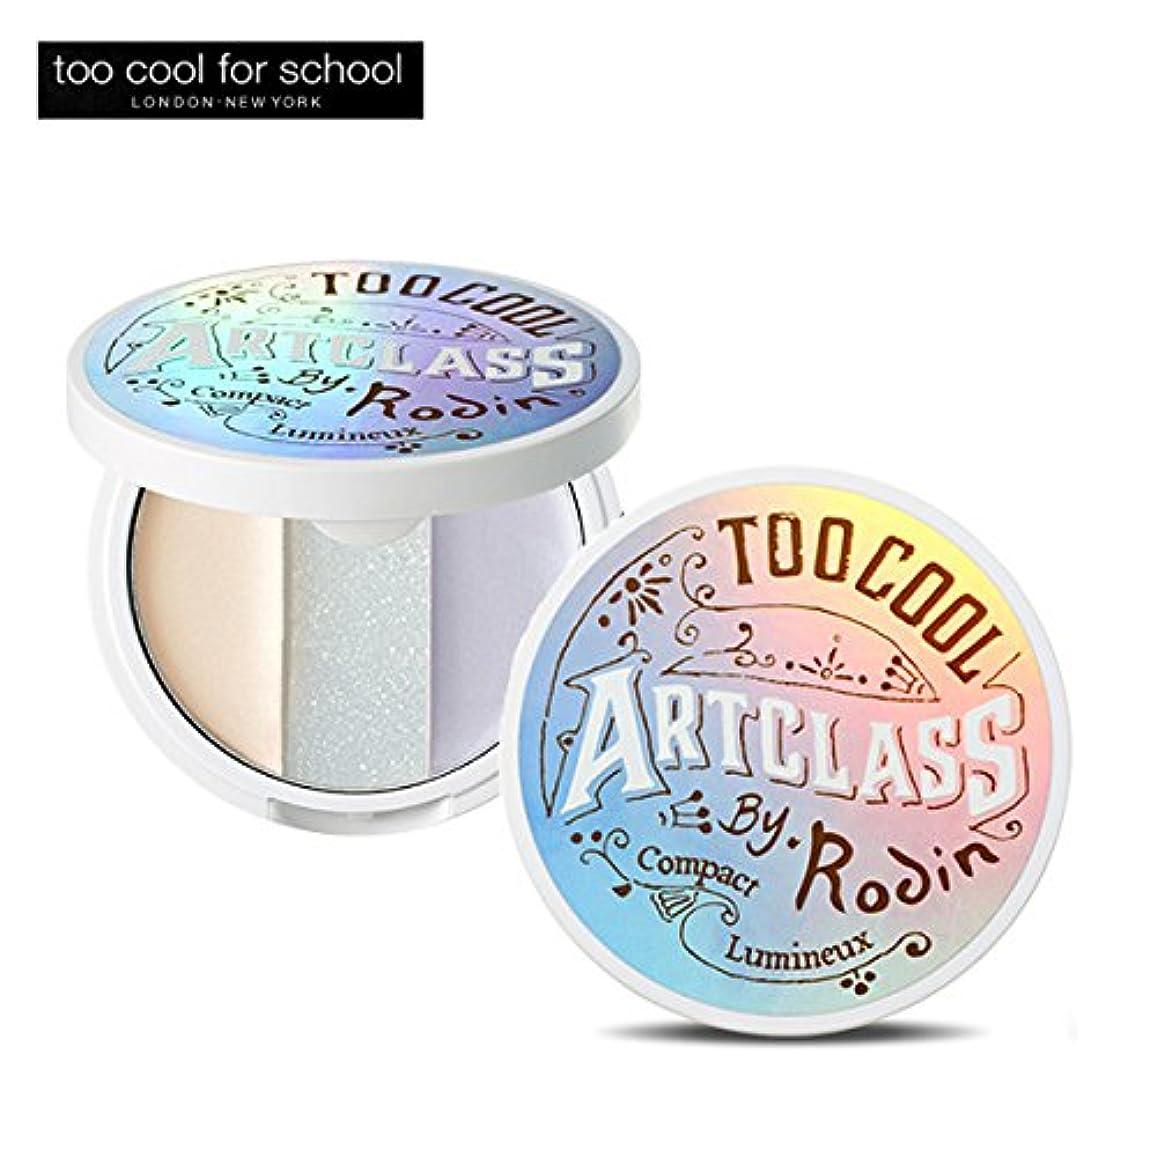 フォーマット自己尊重ロック解除too cool for school(トゥークールフォースクール) アートクラス バイロデン ルミナスバーニッシュ(Art Class By Rodin Lumineuse Varnish)7g